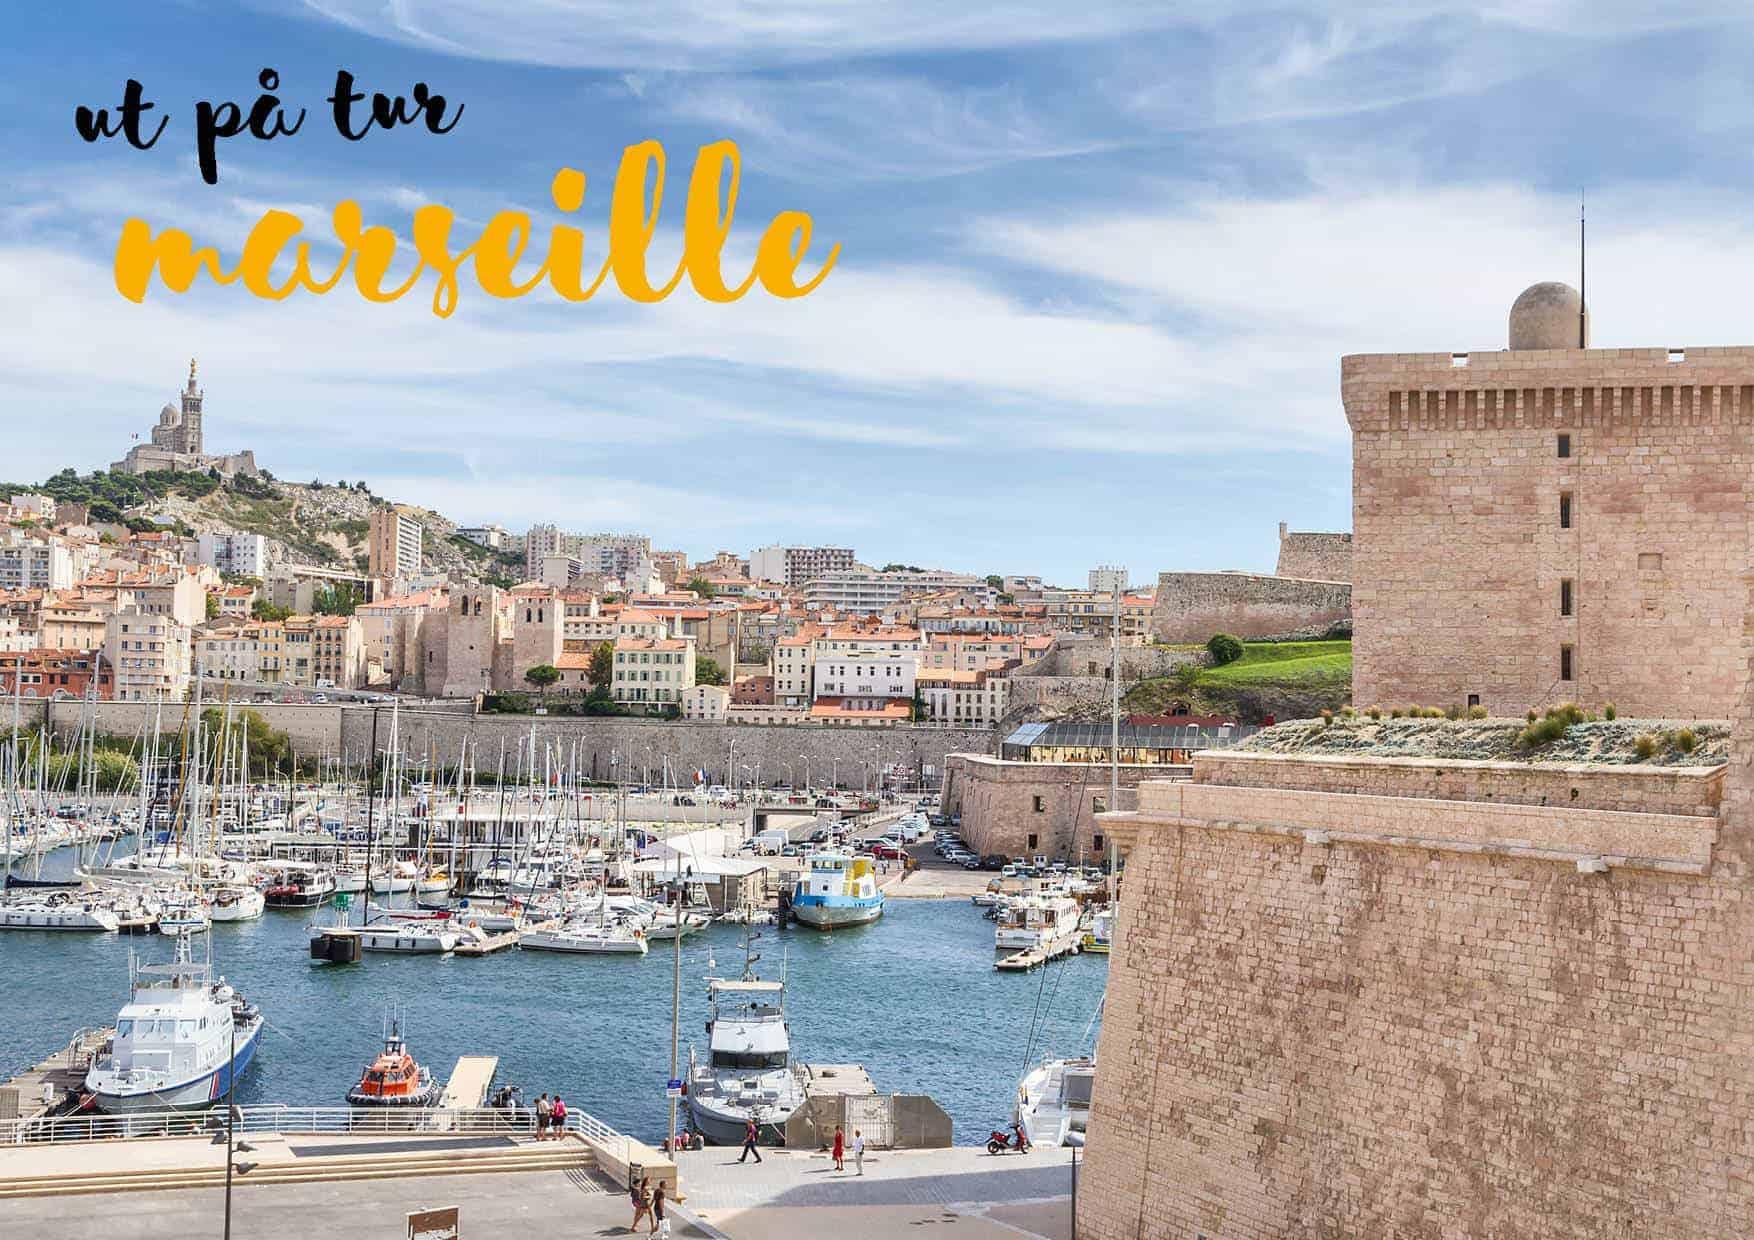 Ut på tur: Marseille